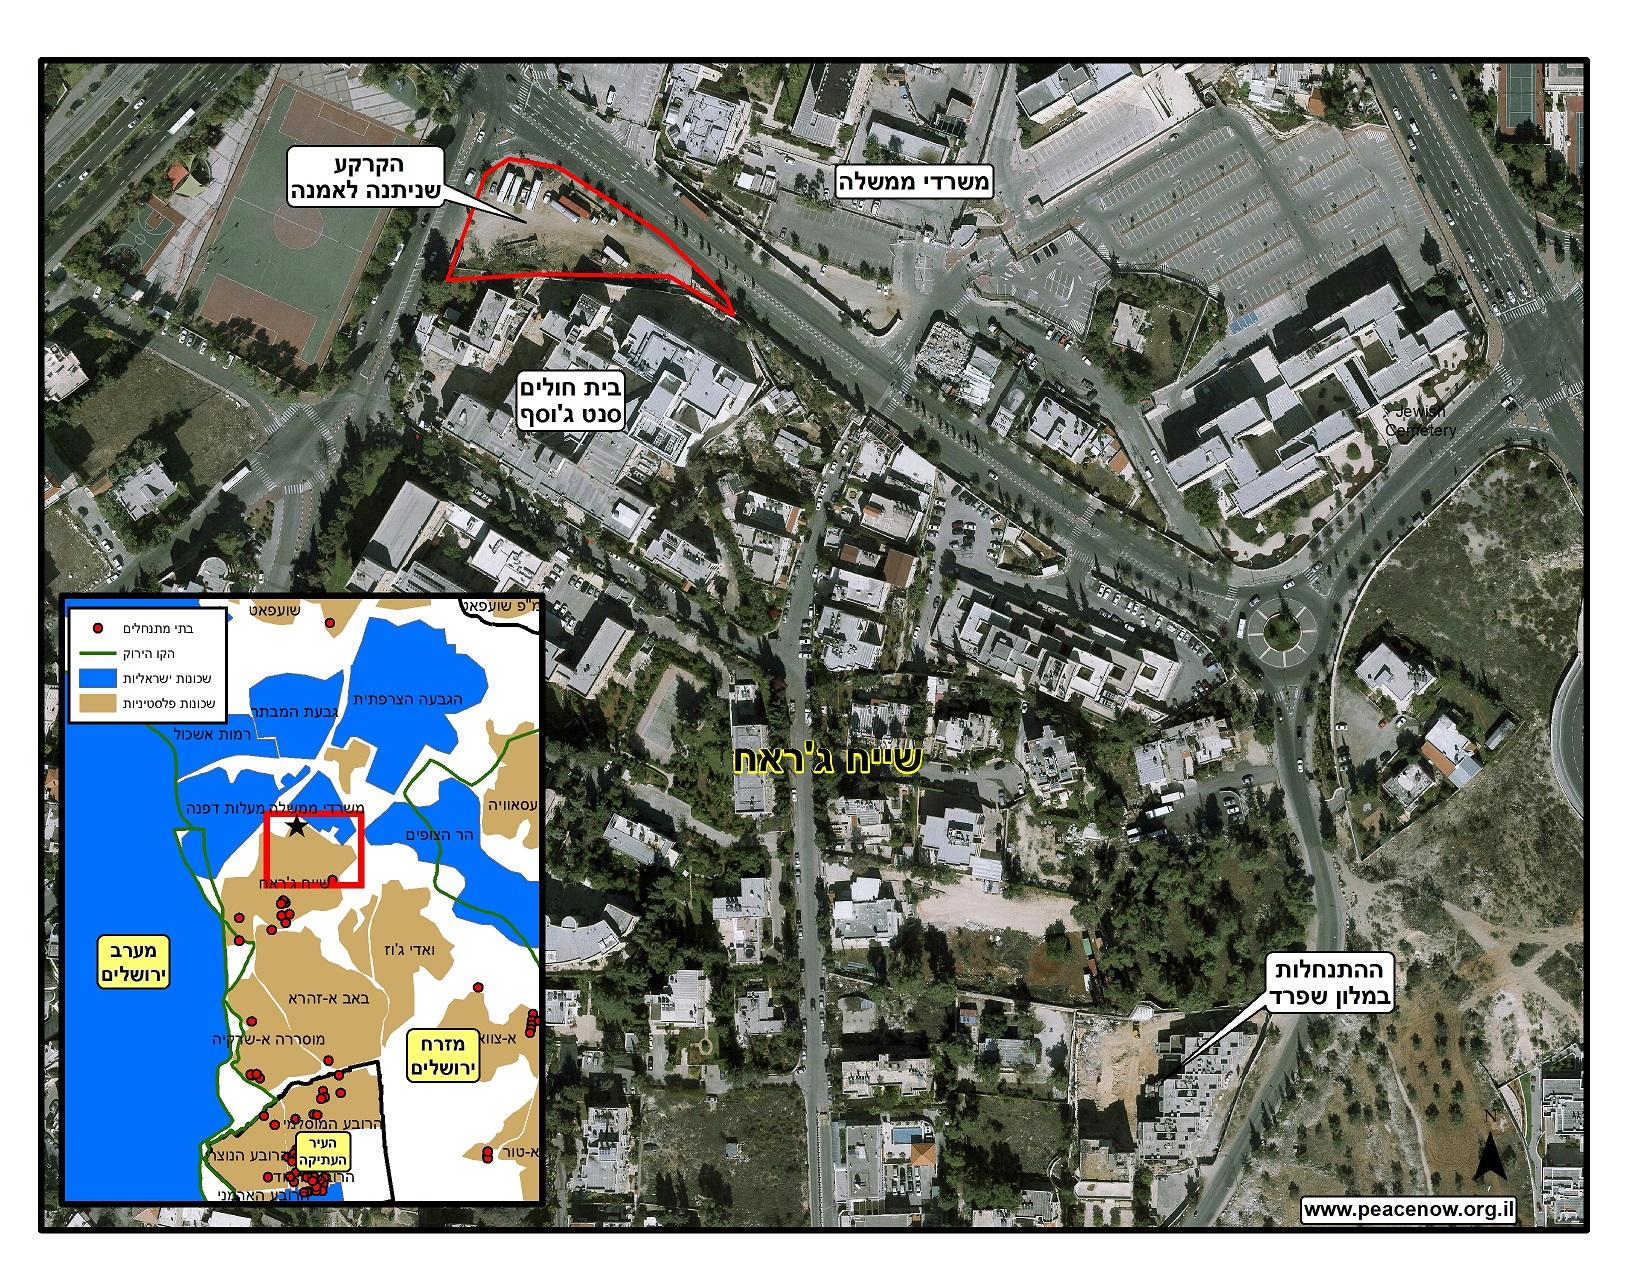 מפה של בית אמנה בשייח ג'ראח